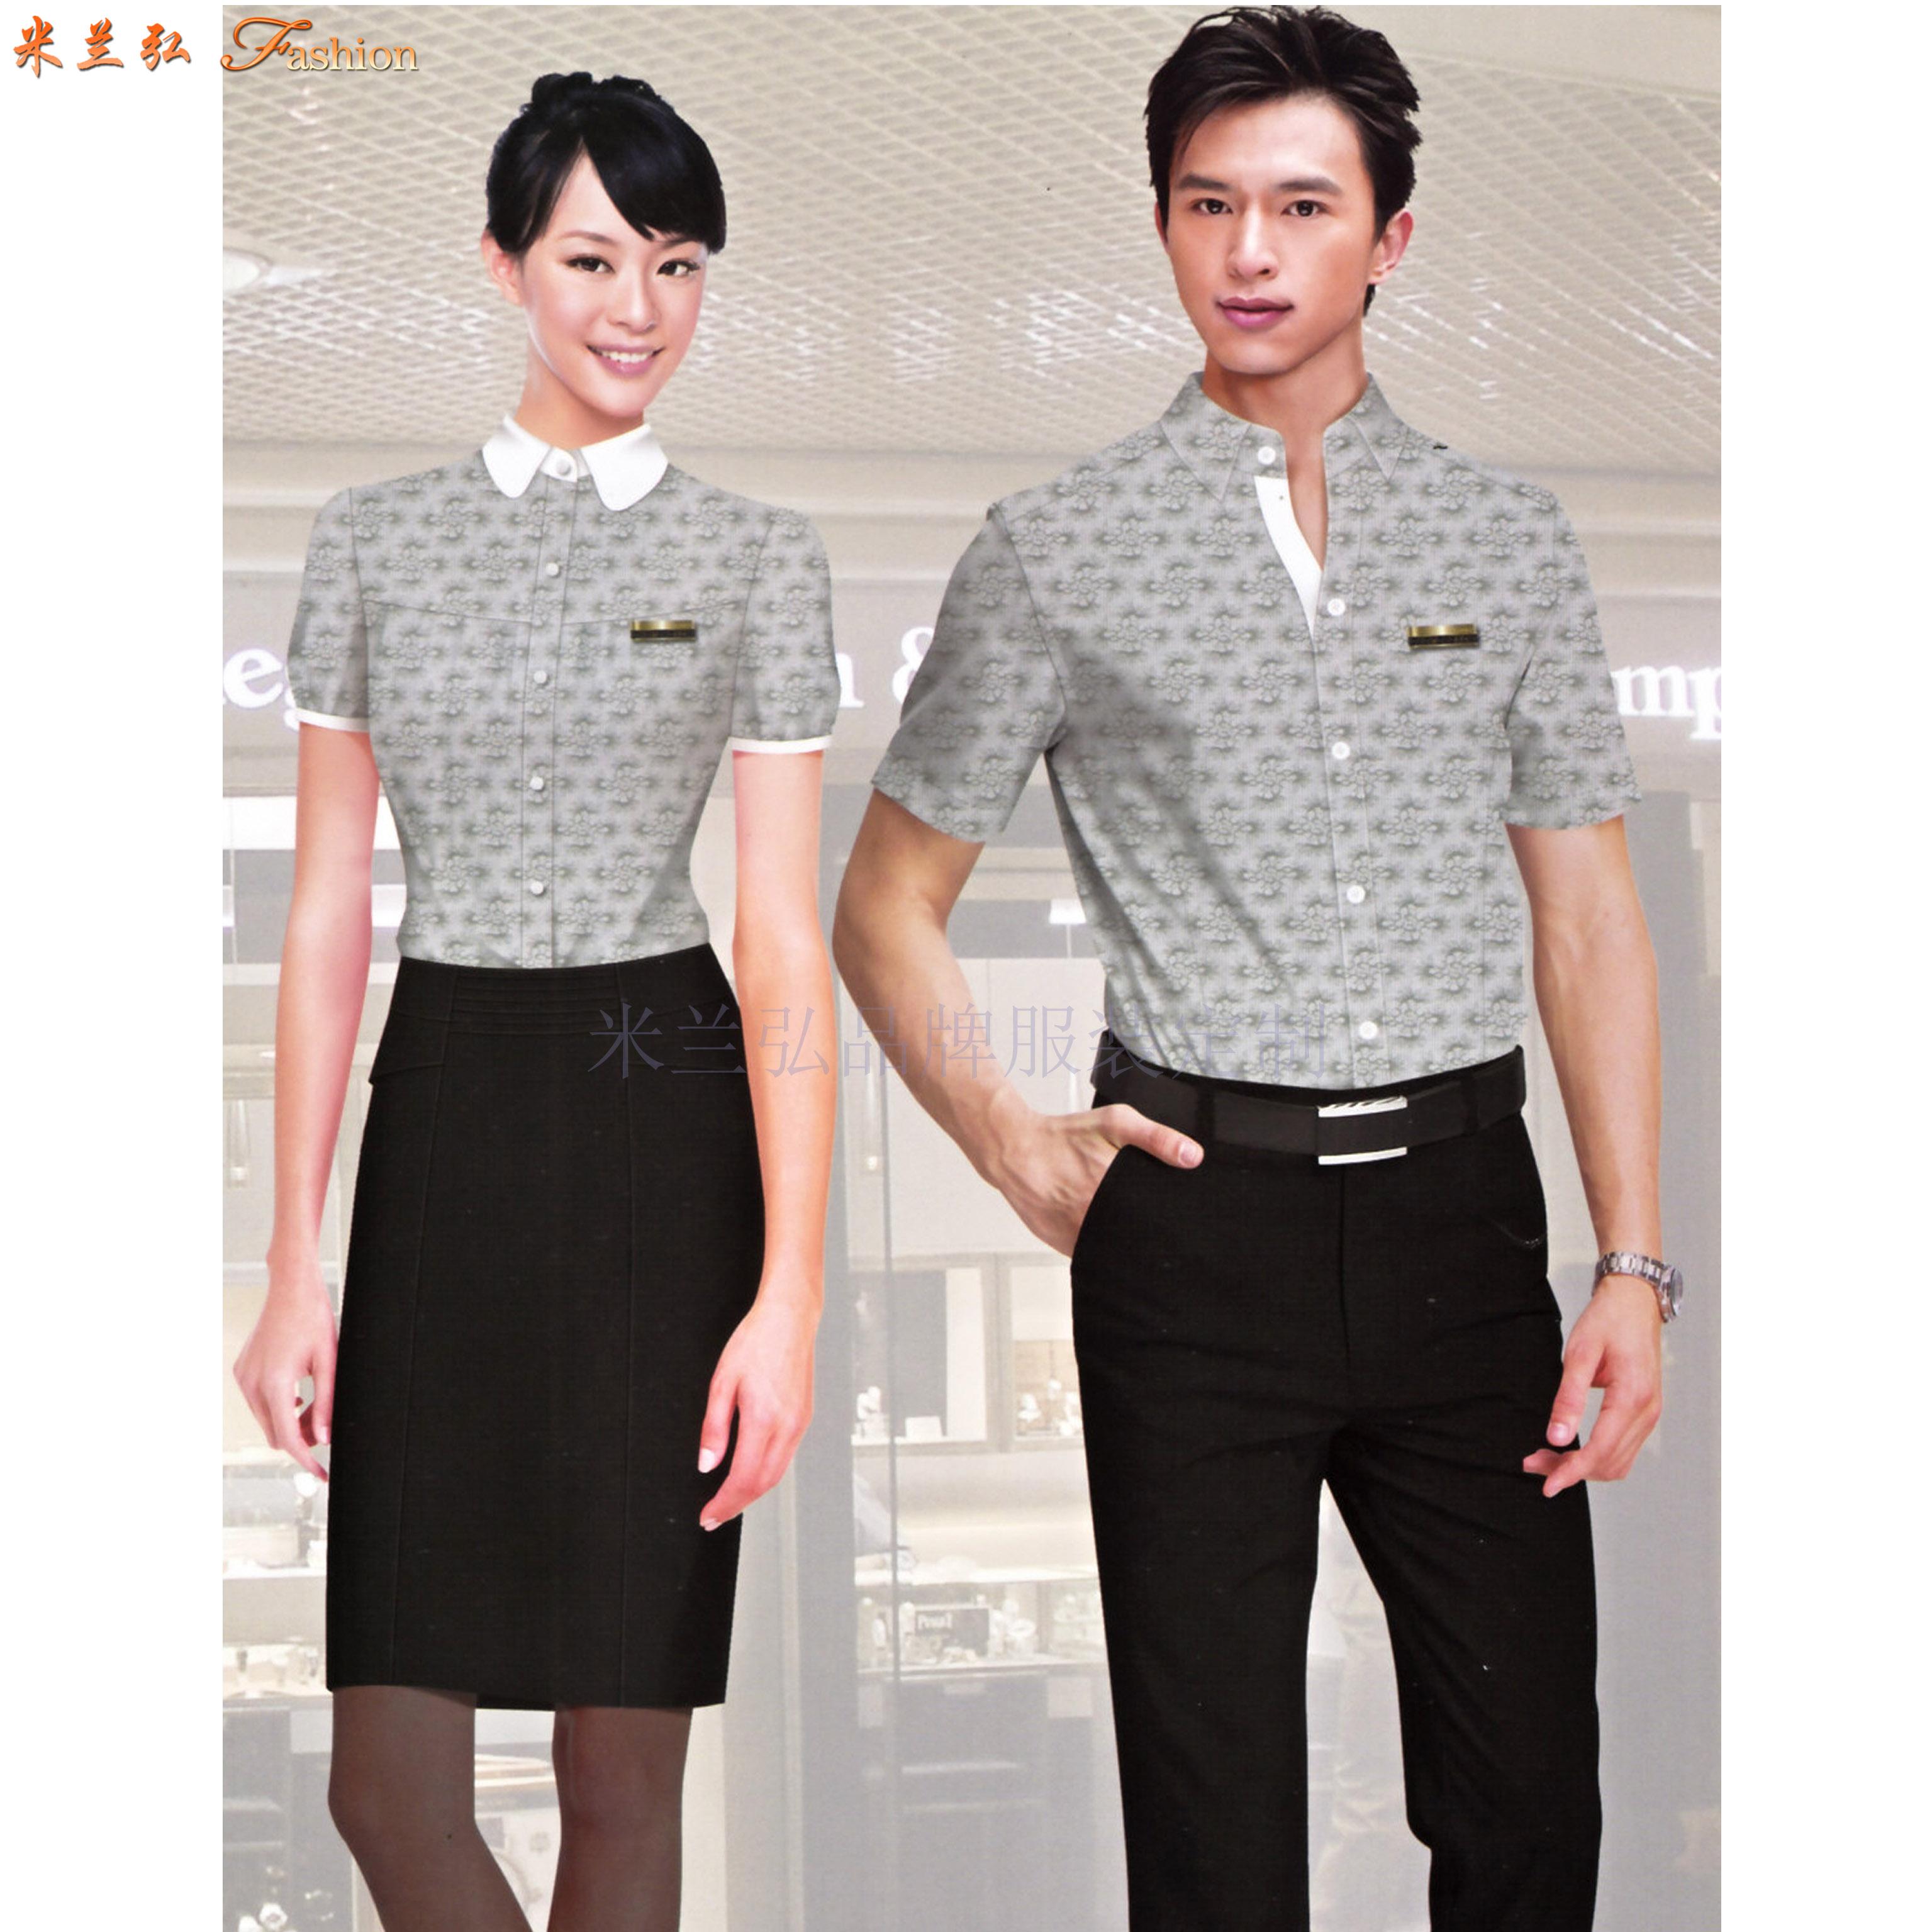 「短袖工作服」供應訂制企業夏天涼爽短袖襯衫套裝-米蘭弘服裝-5